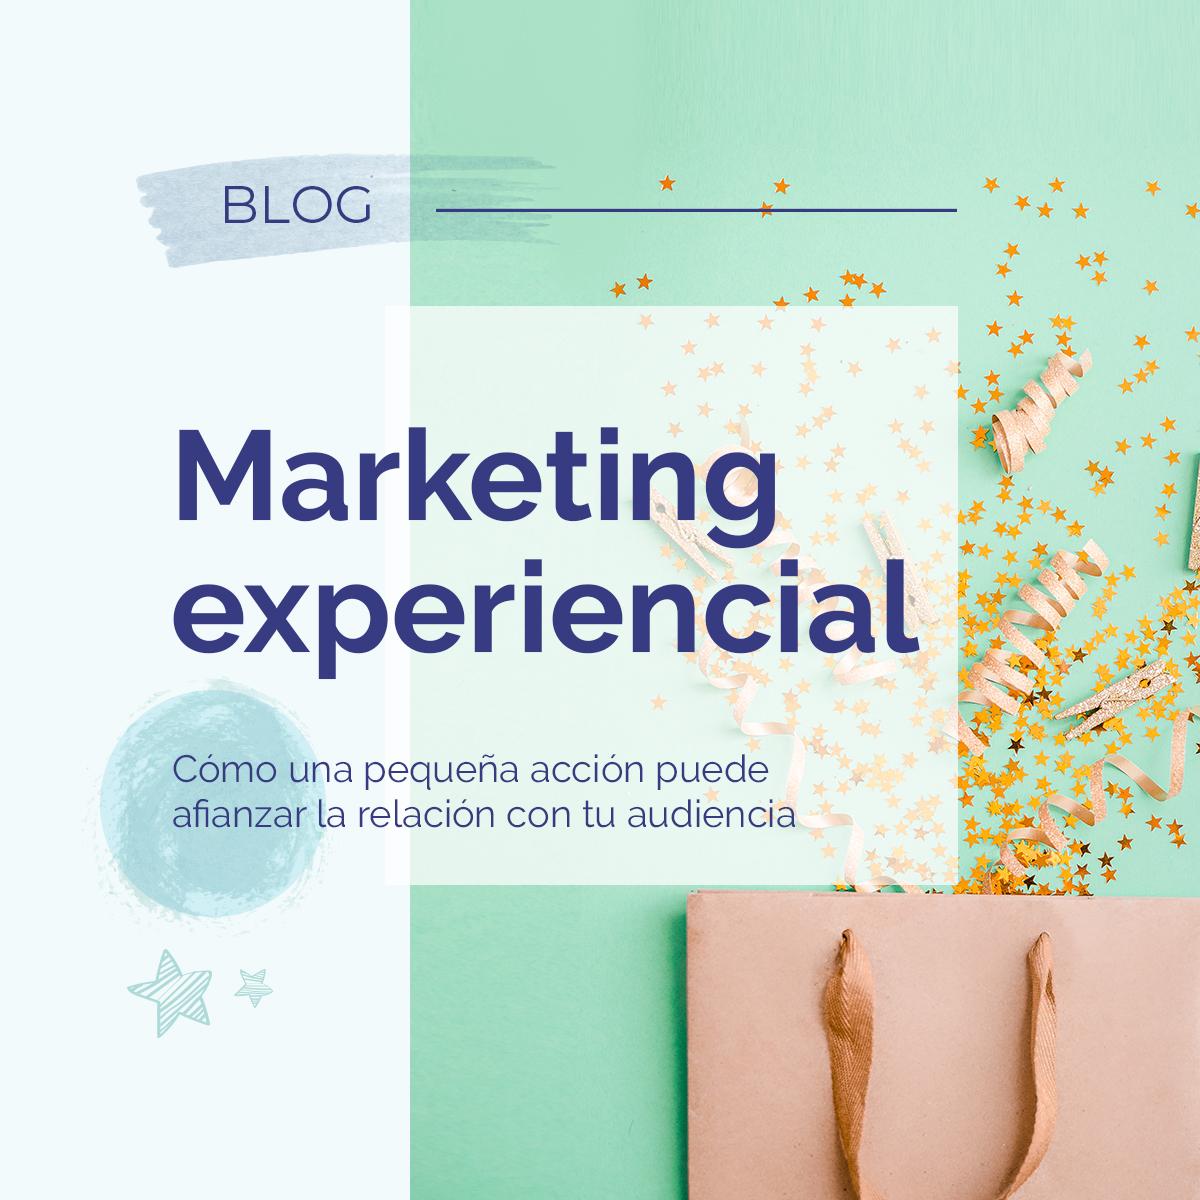 Marketing experiencial, ideas de marketing experiencial, qué es el marketing experiencial, culturina comunicación